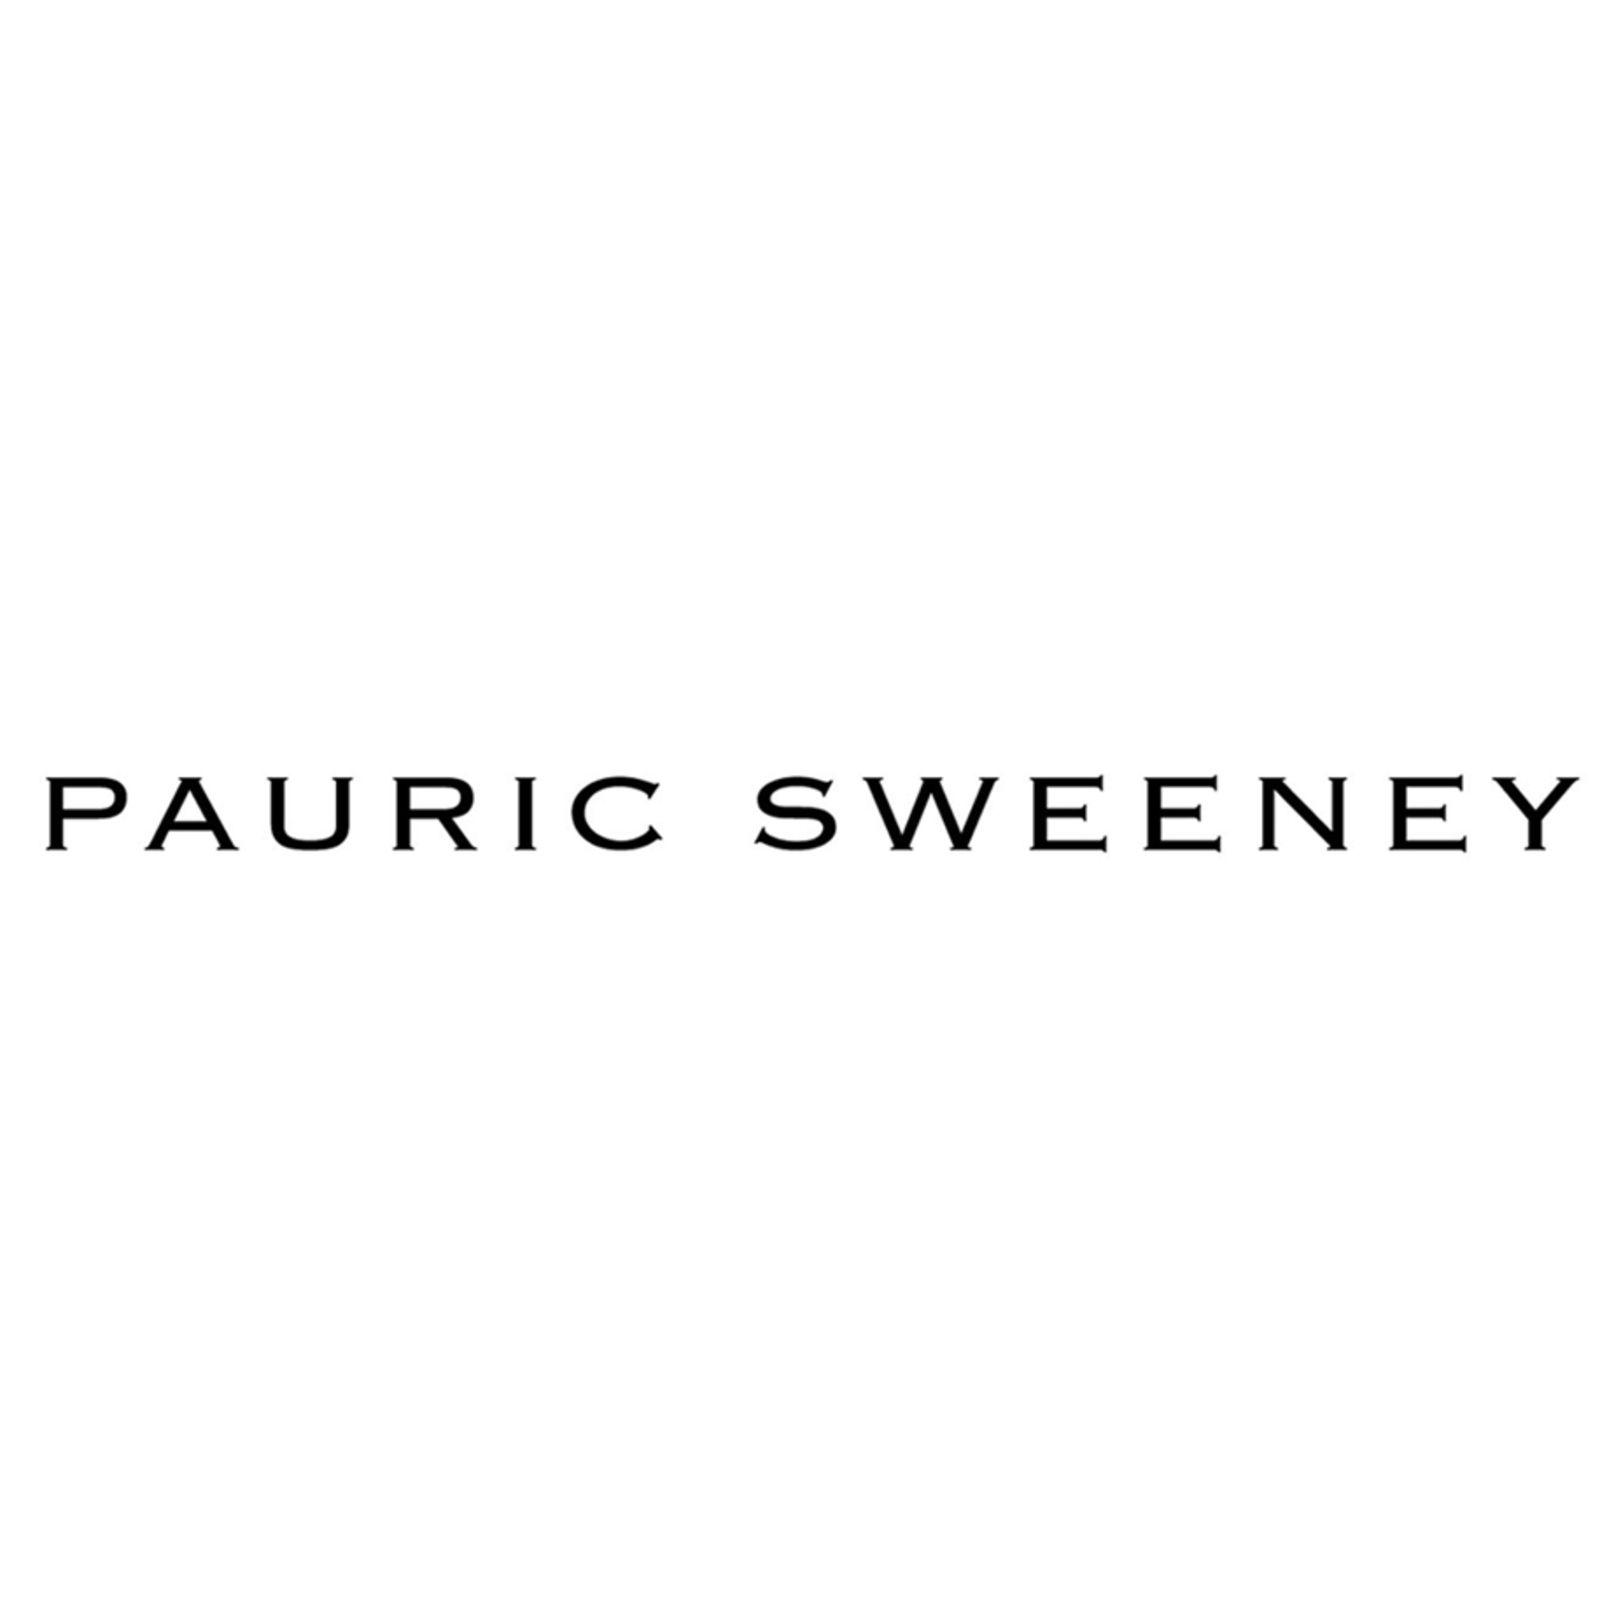 PAURIC SWEENEY